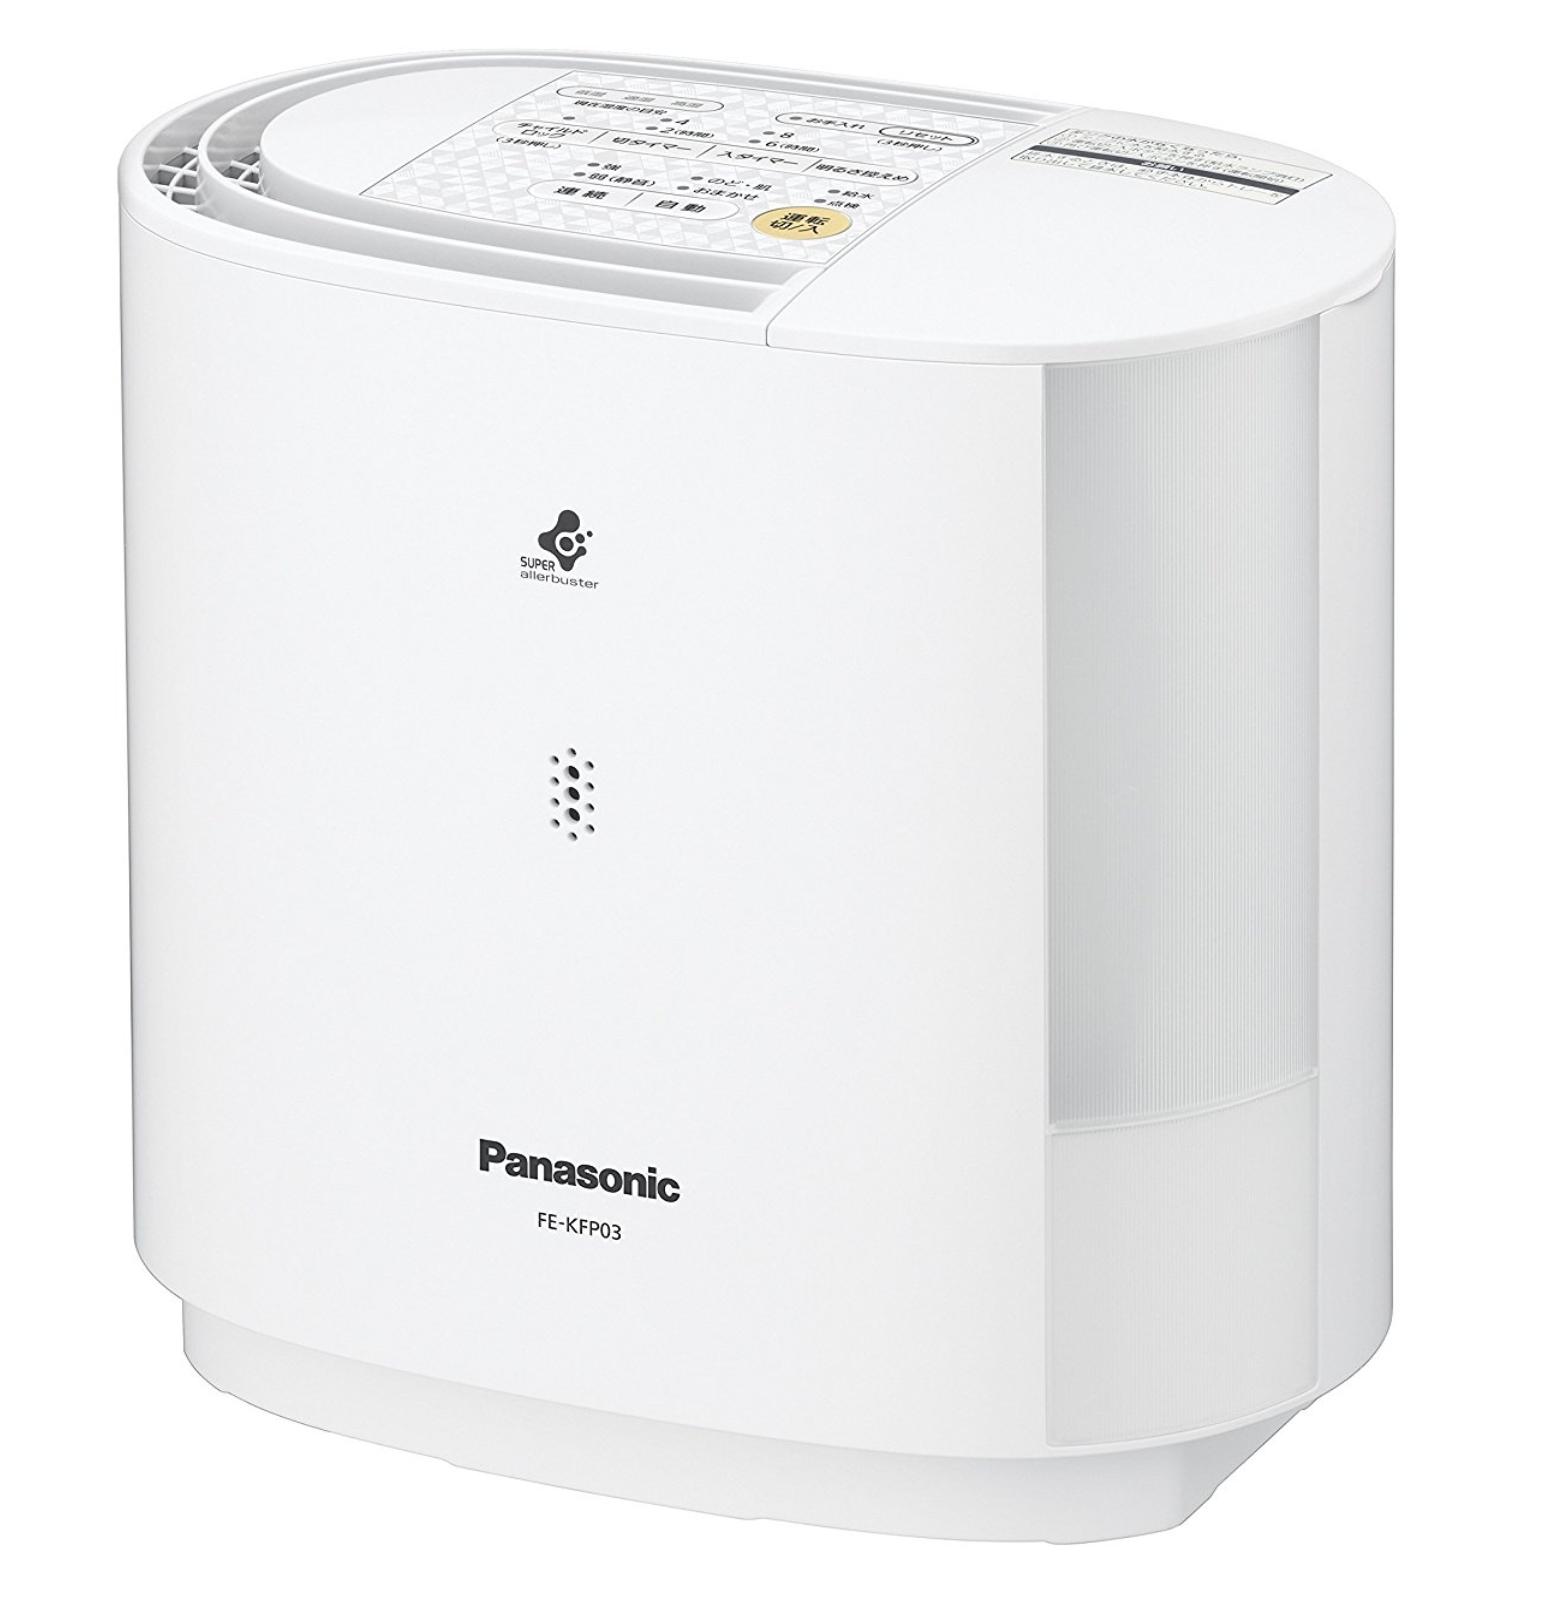 パナソニック 加湿機 気化式 ~8畳 ホワイト FE-KFP03-W